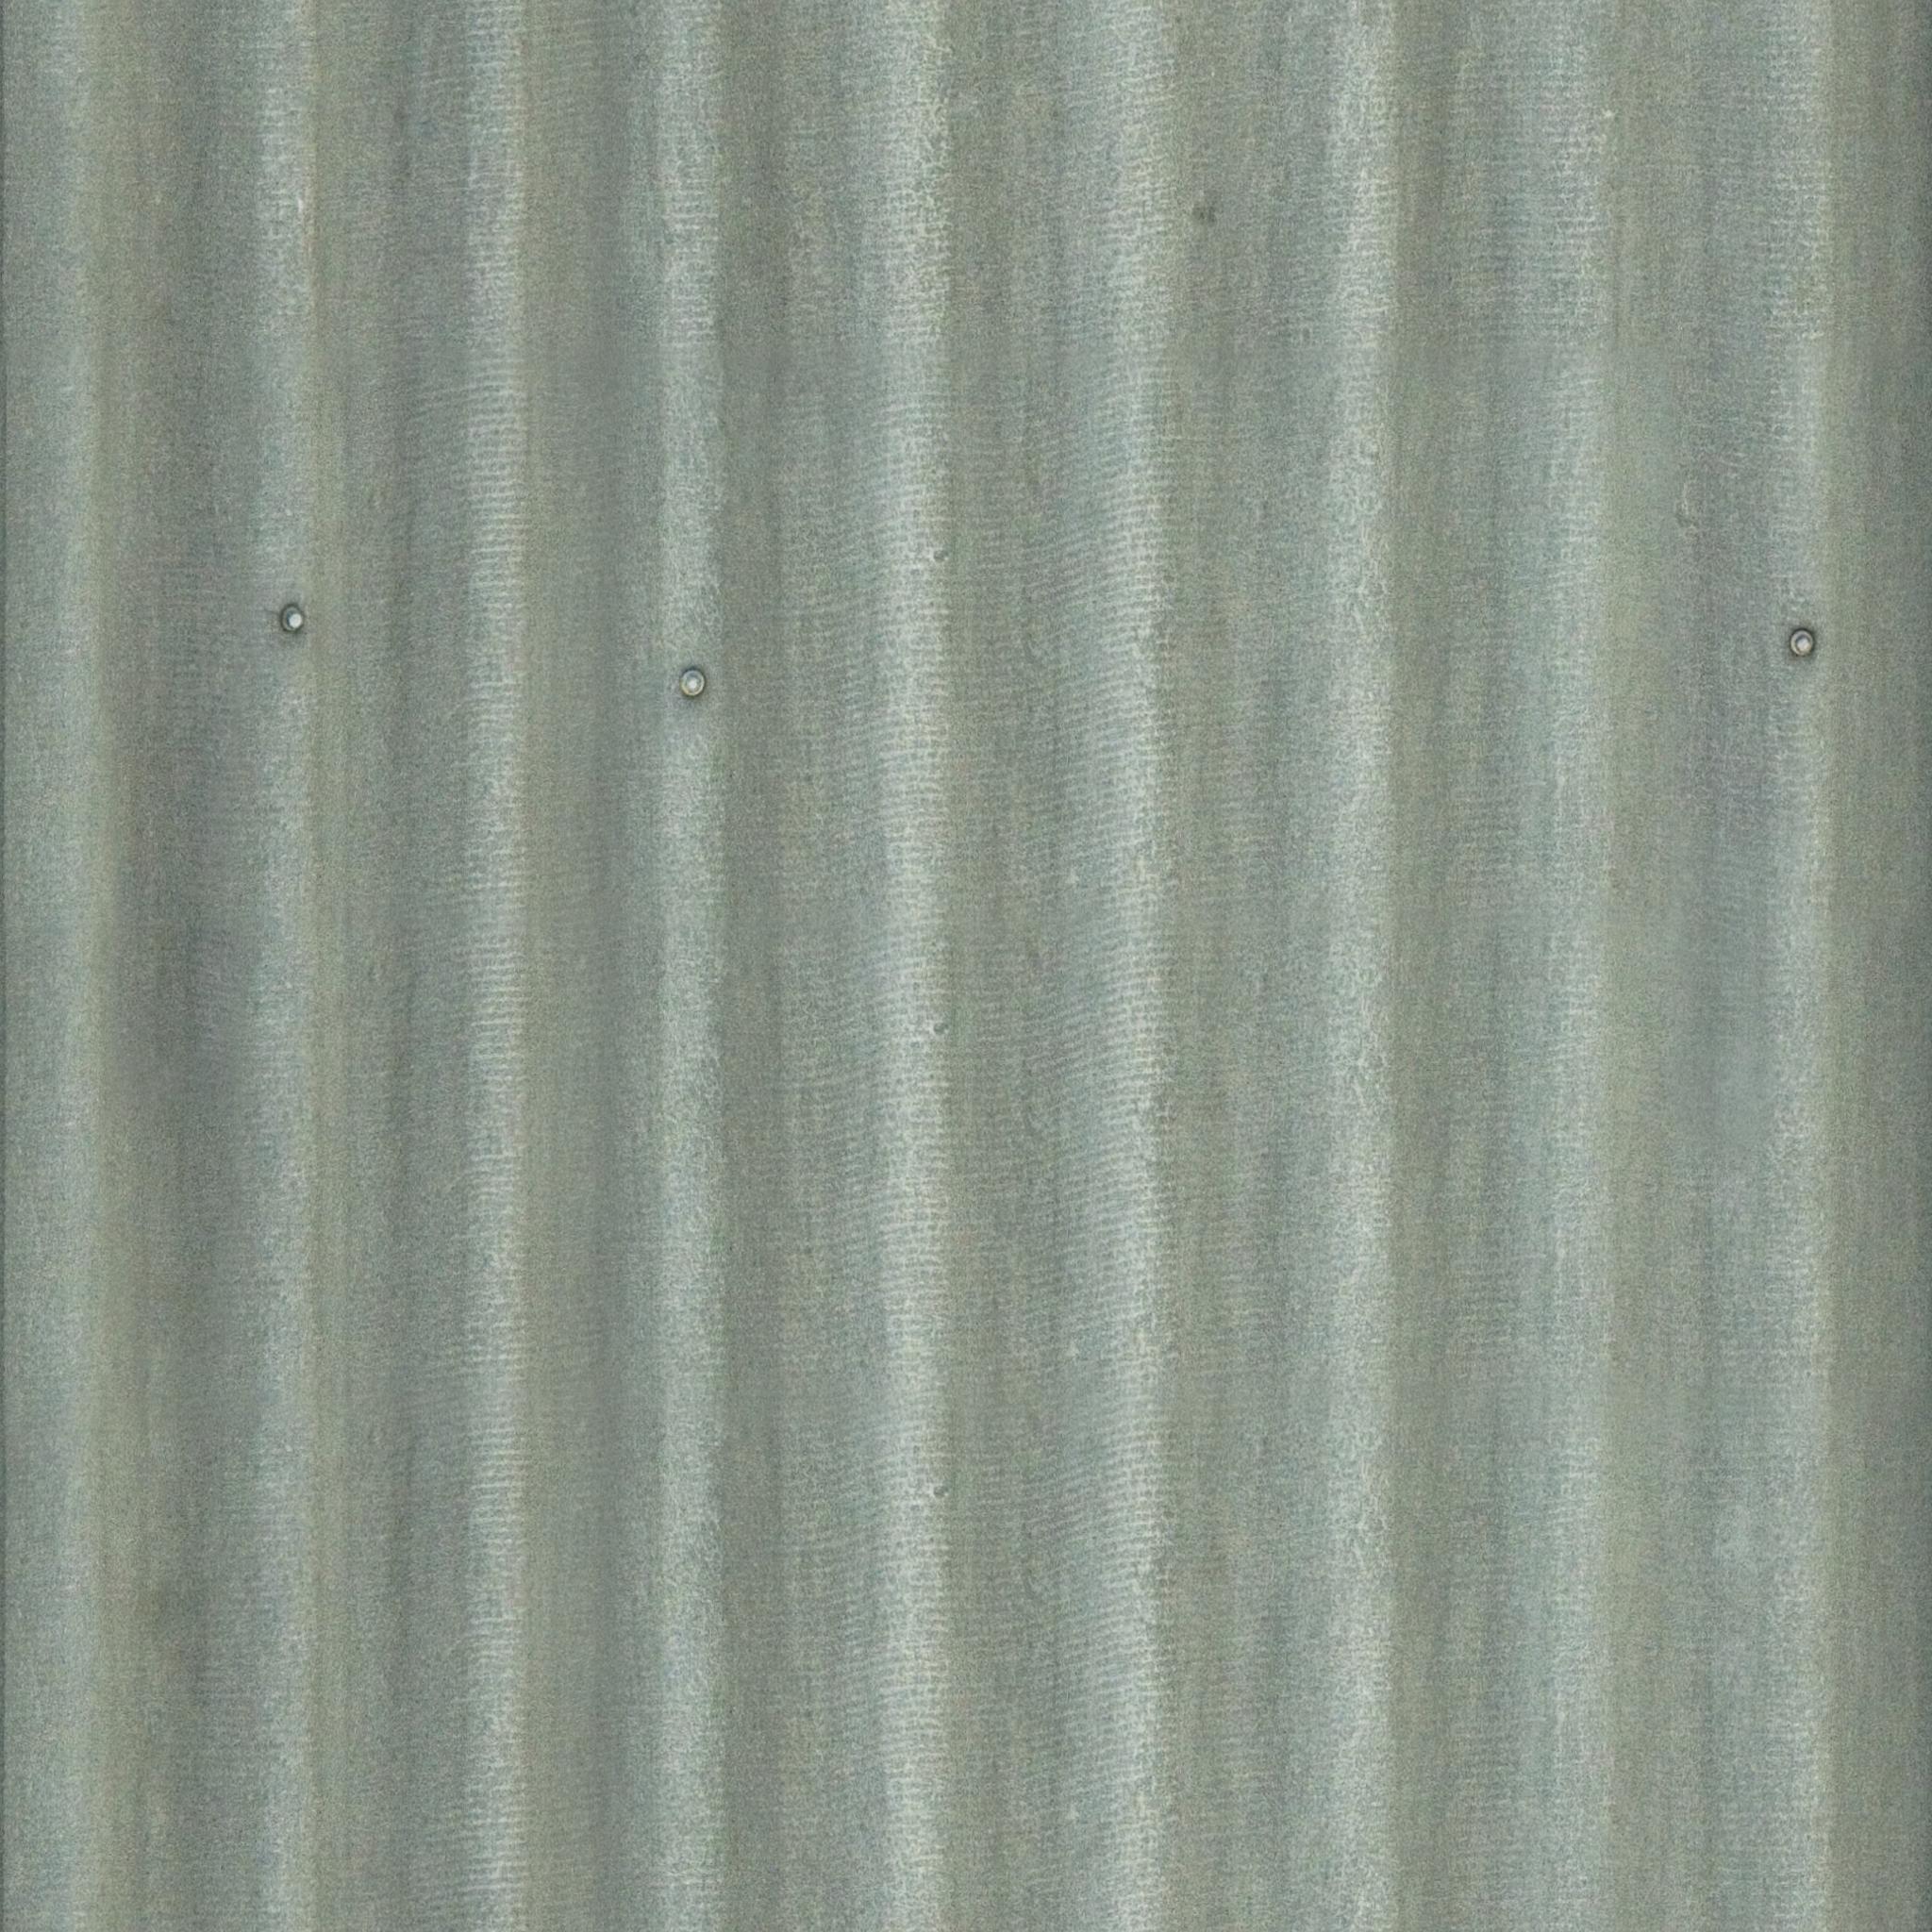 Corrugated Aluminum Siding.jpg